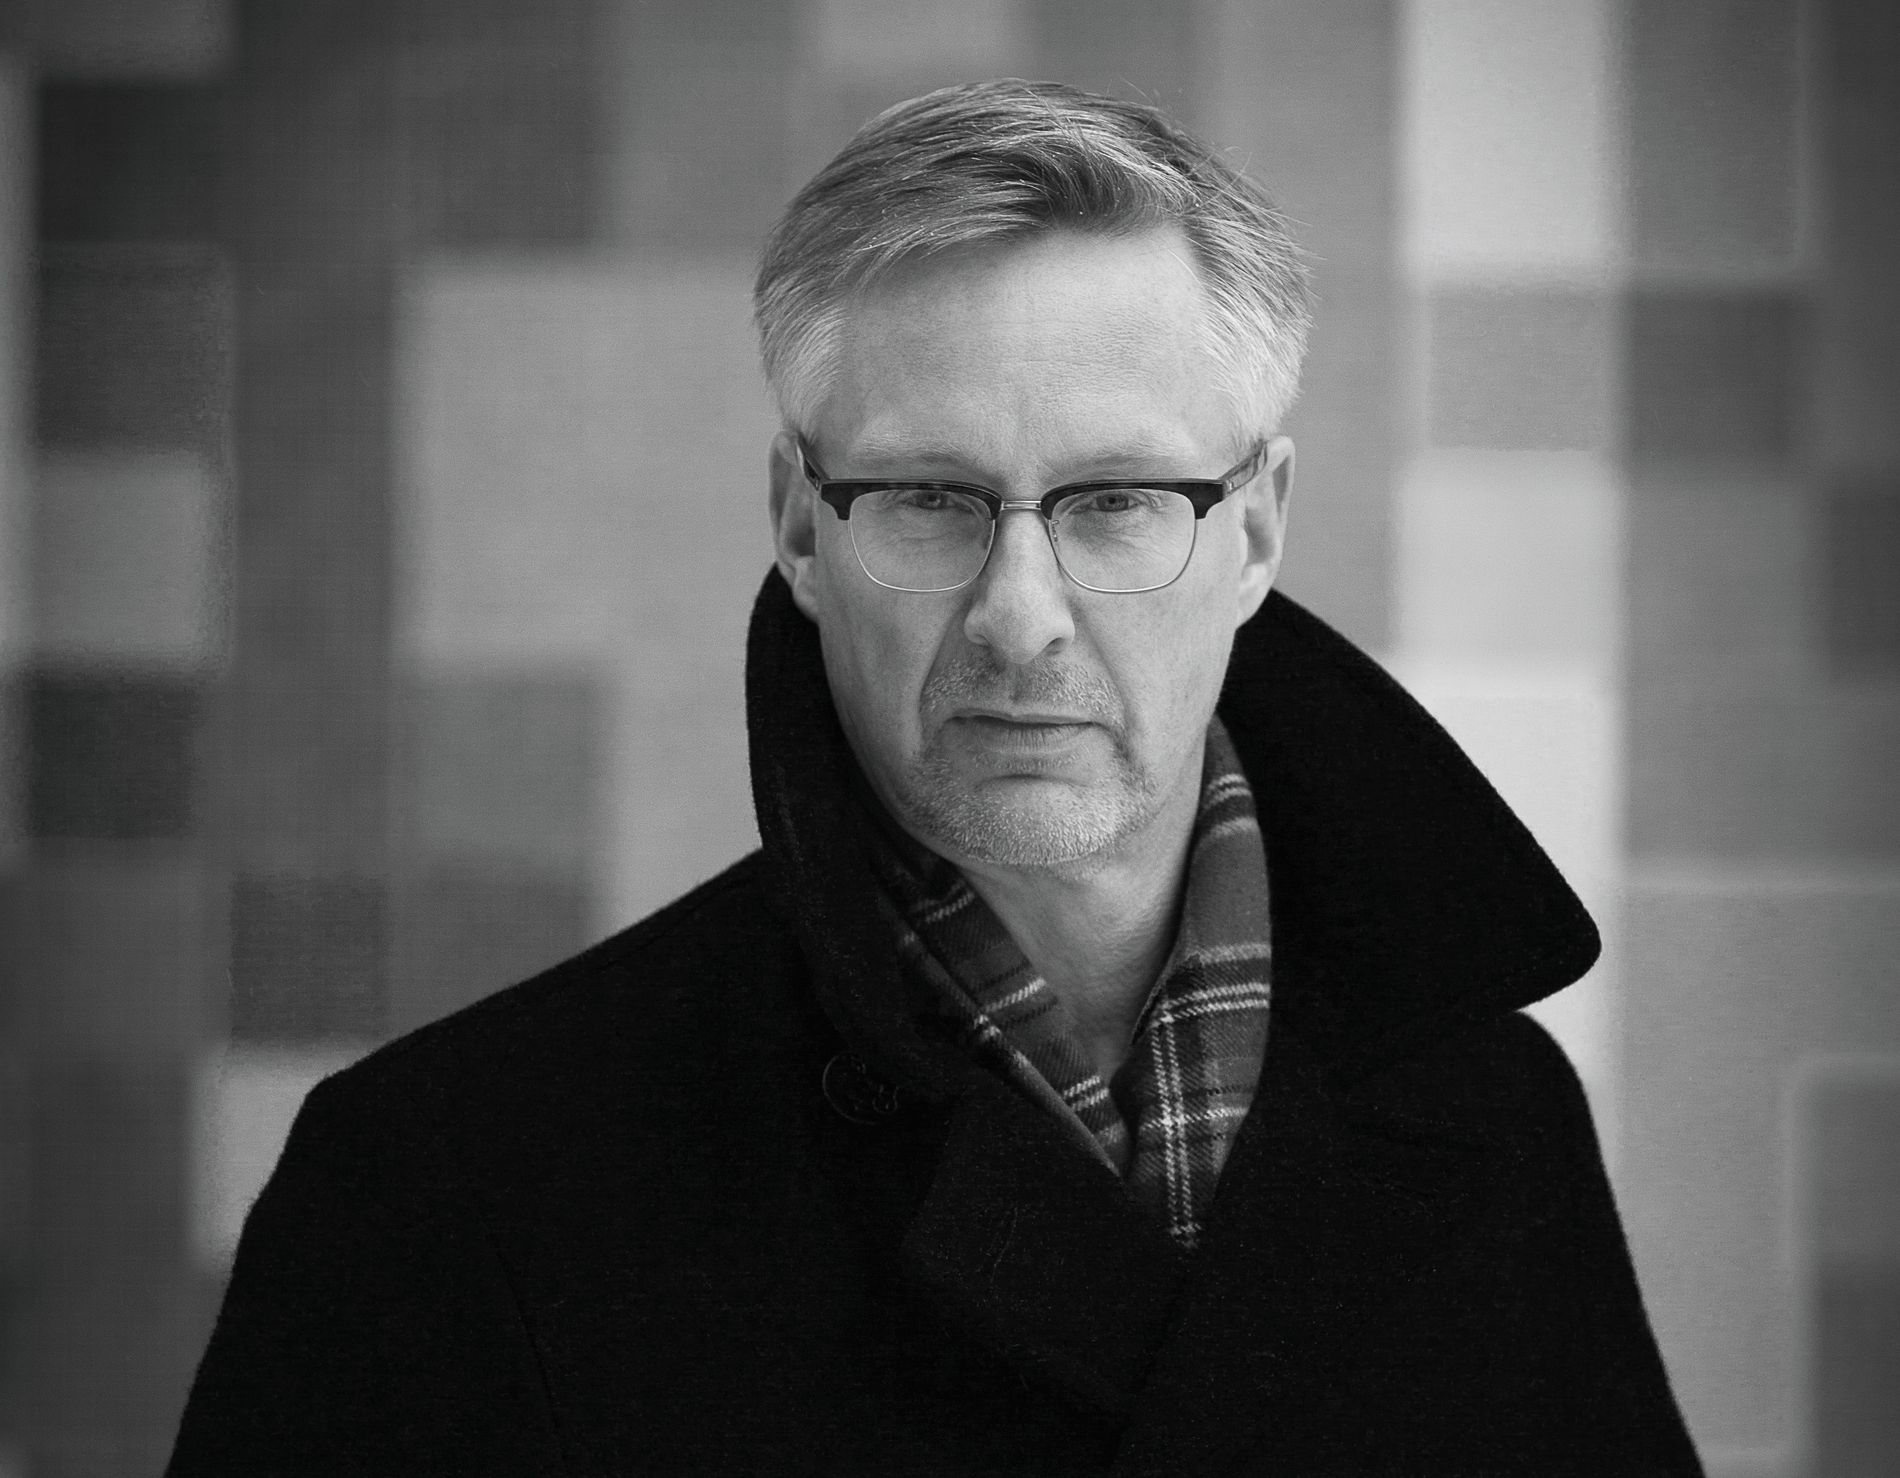 FIKK LARSSONS MATERIALE: Jan Stocklassa fikk i 2013 tilgang på Stieg Larssons enorme arkivmateriale - og har jobbet videre med et puslespill som ifølge boken viser en annen gjerningsmann enn Christer Pettersson.